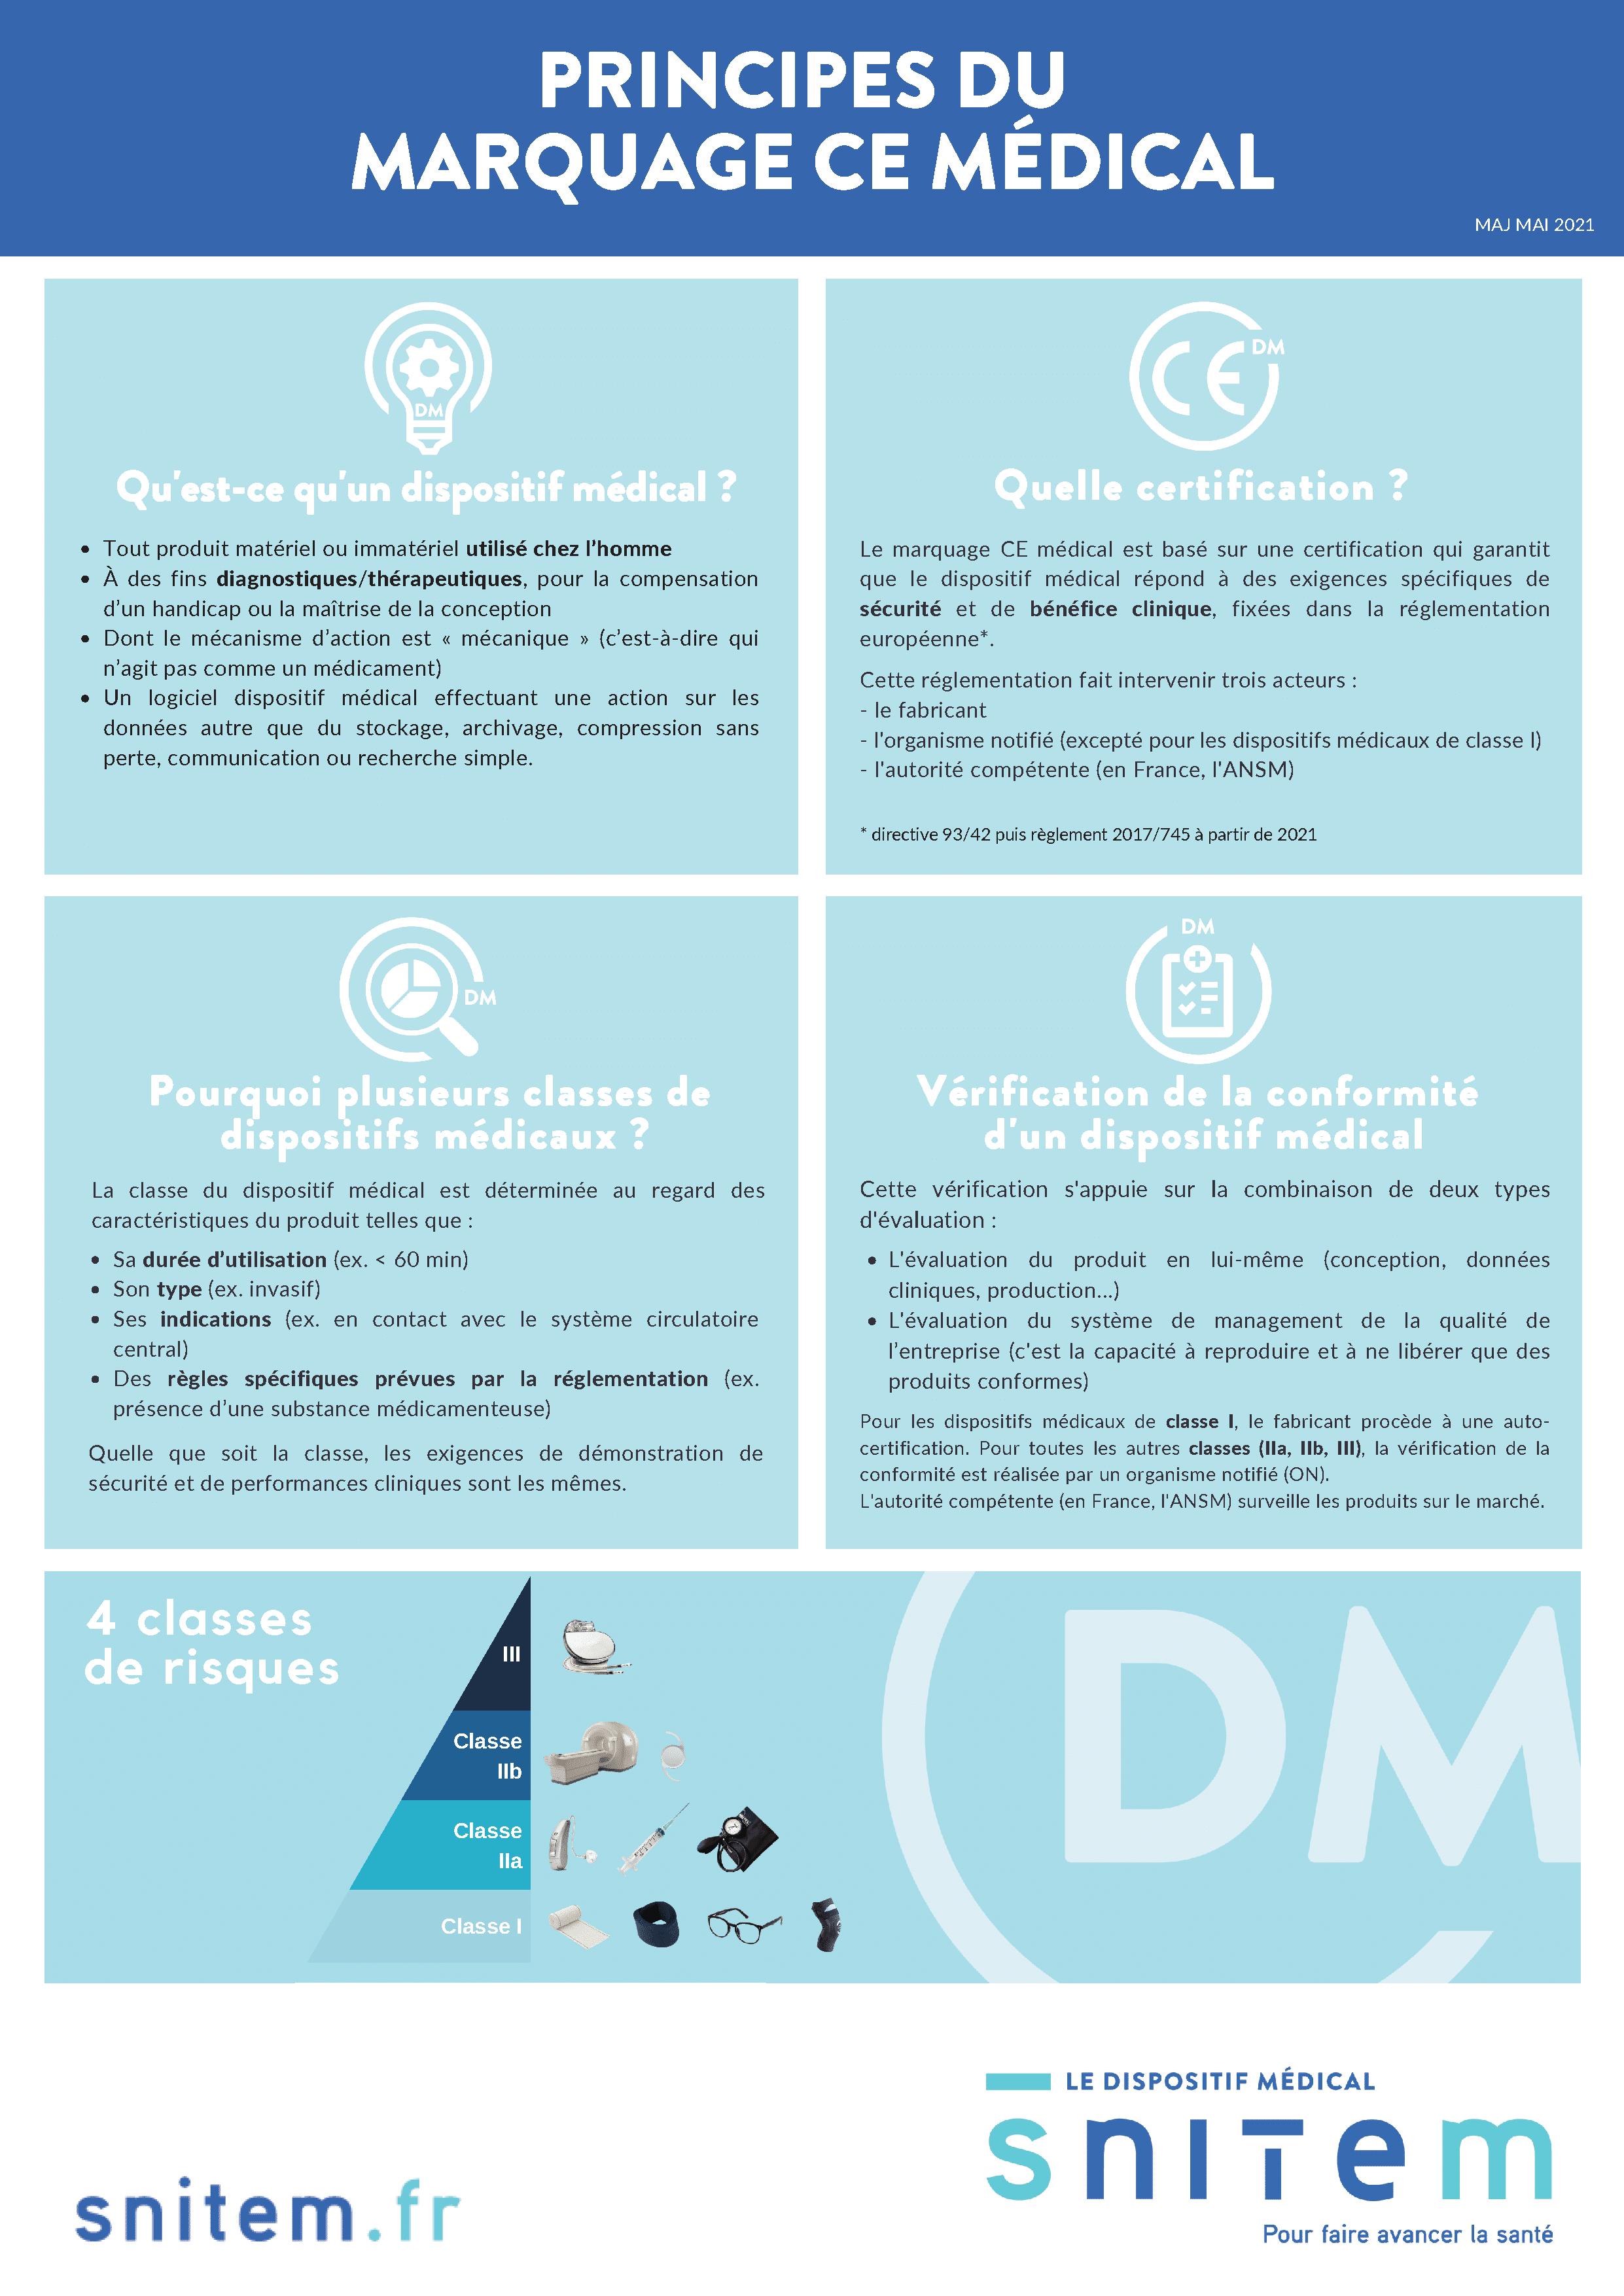 Principes du marquage CE médical